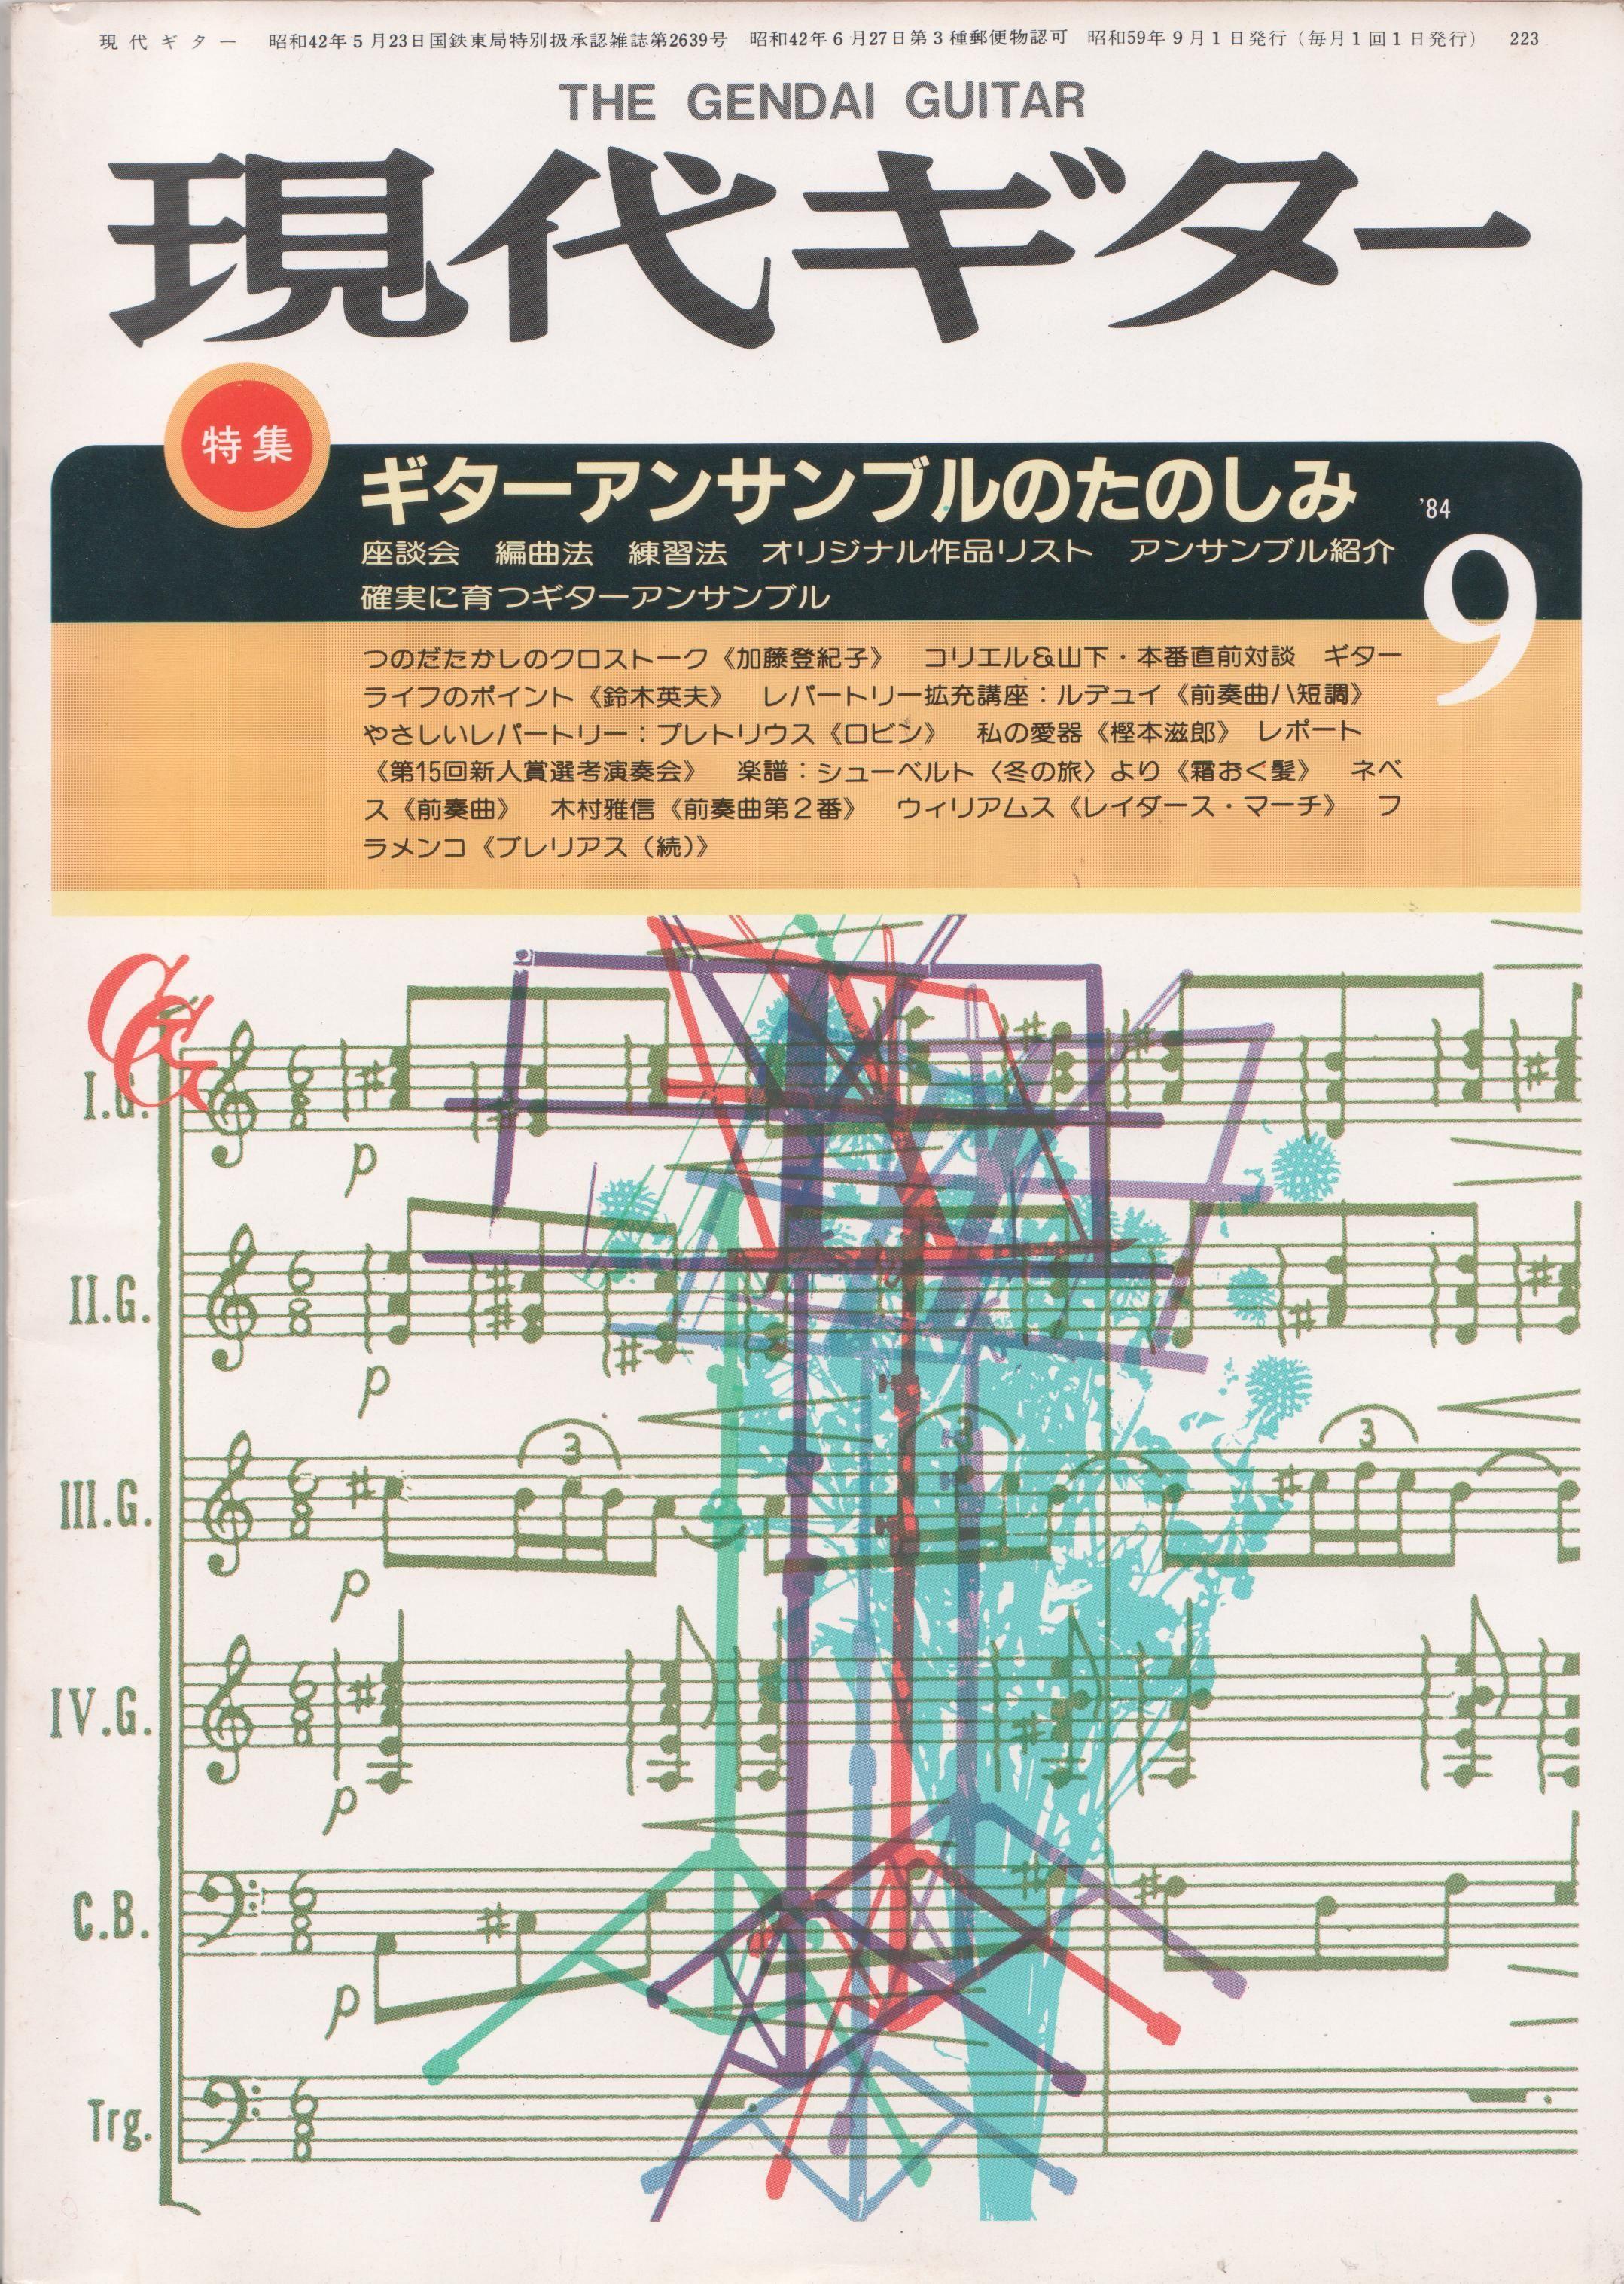 現代ギター 1984年9月号 223